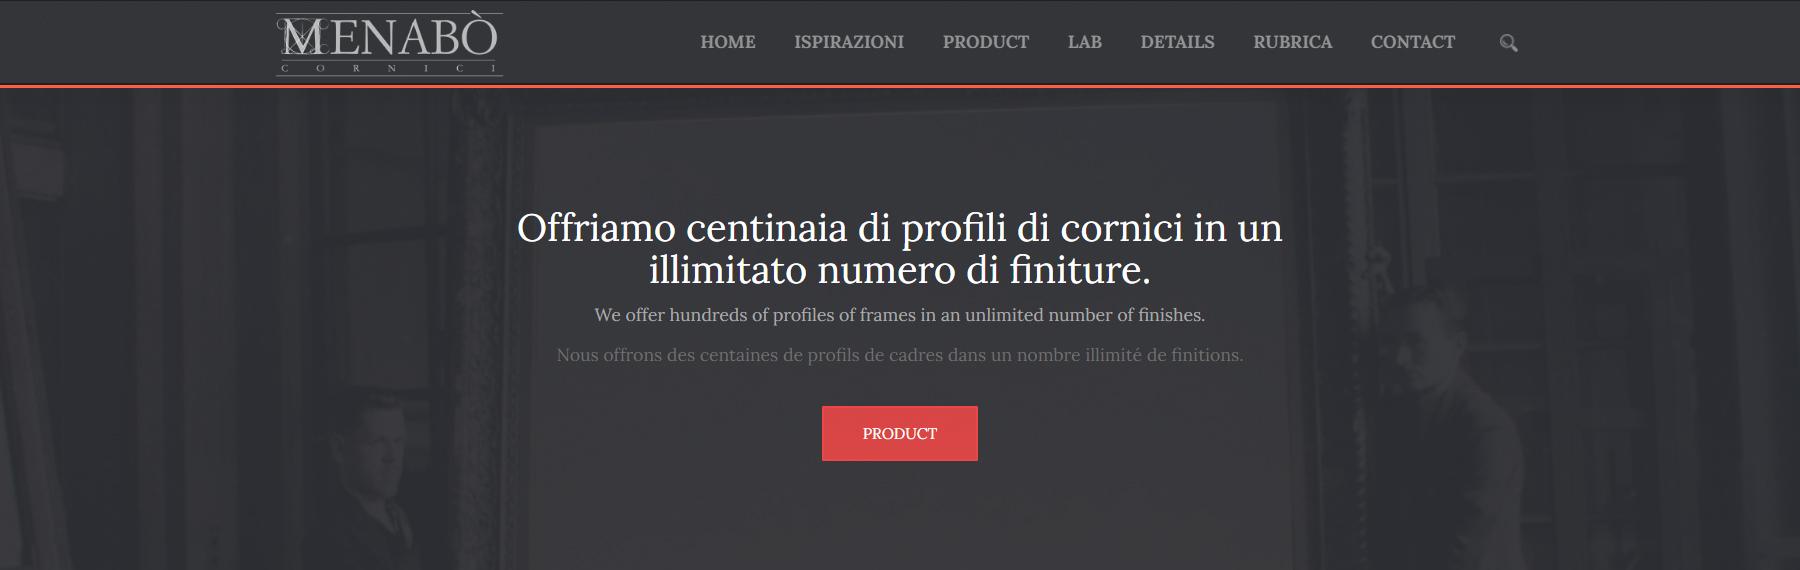 cornicimenabo'__miglioni-di-profili-per-cornici__